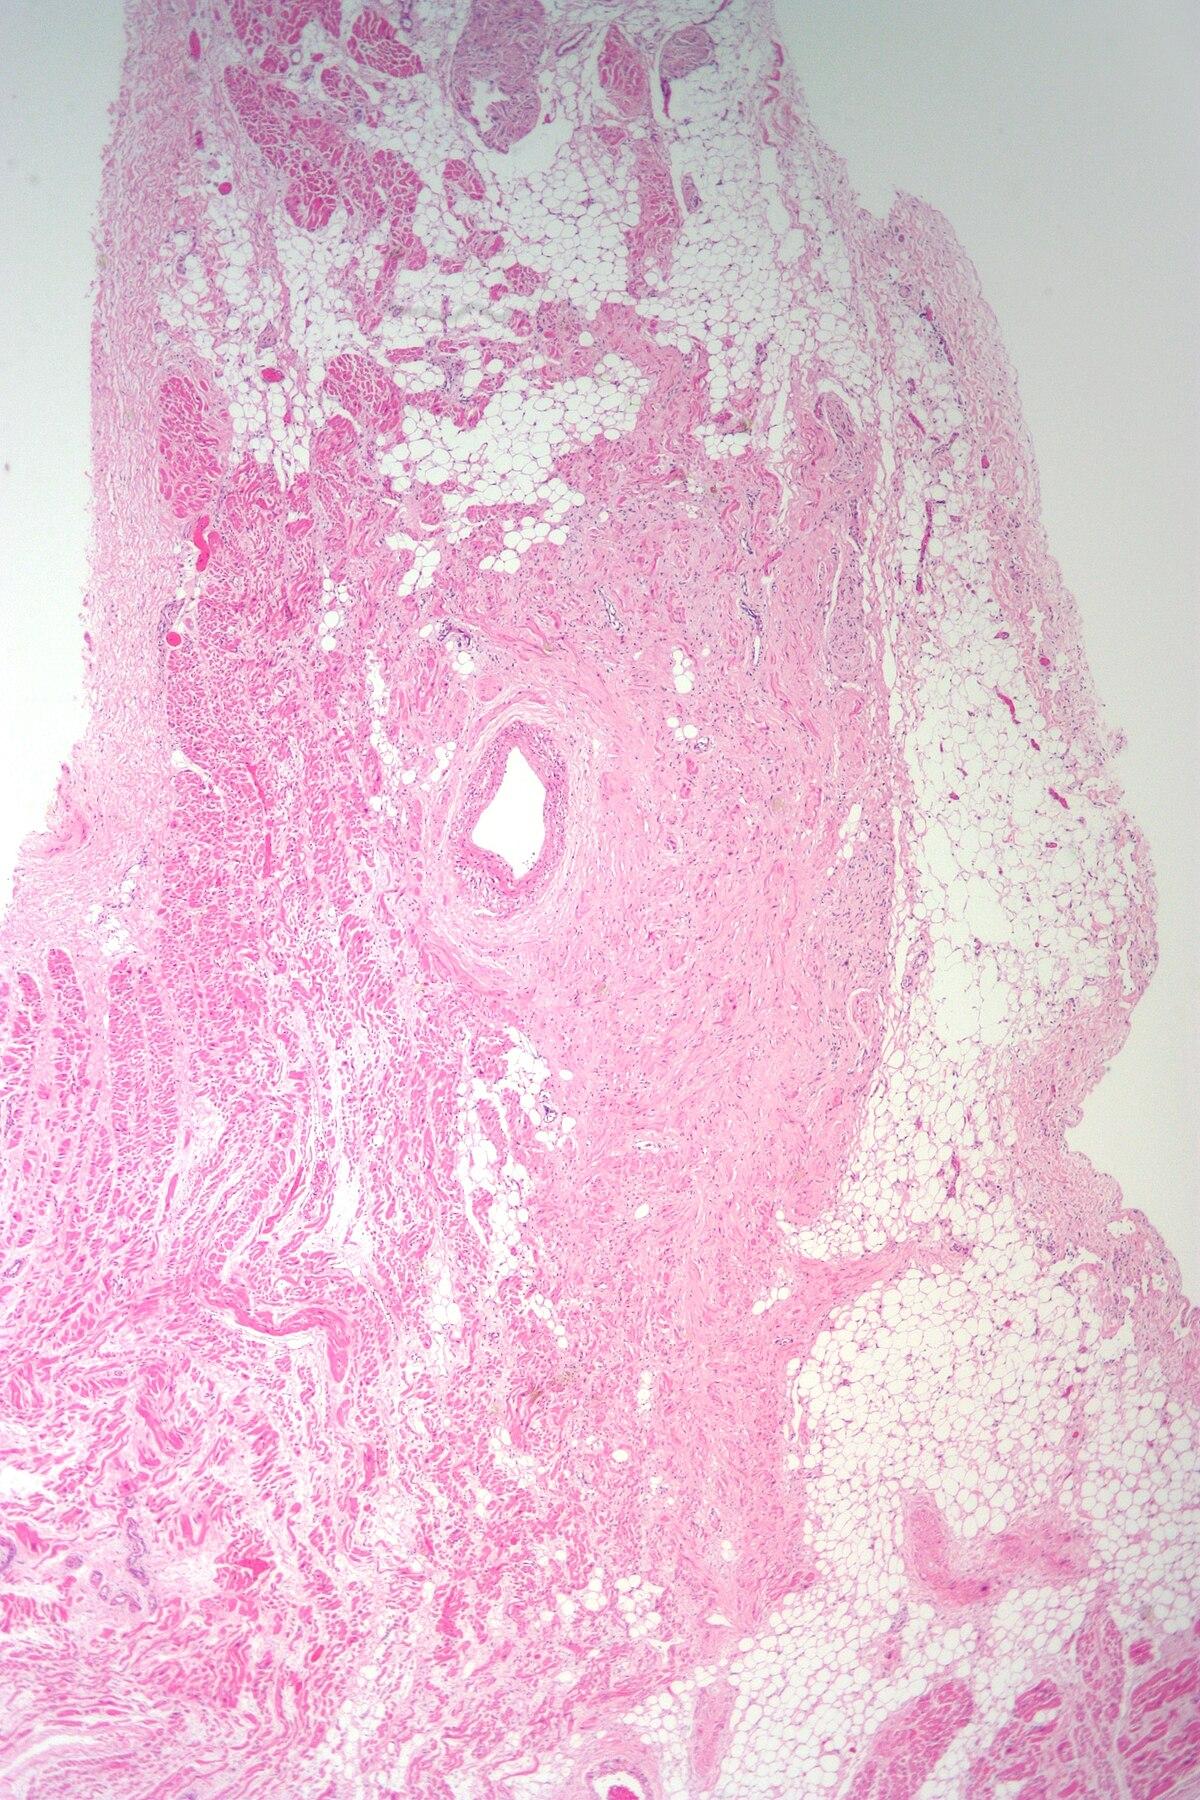 Come varicosity a fotografie incinte comincia